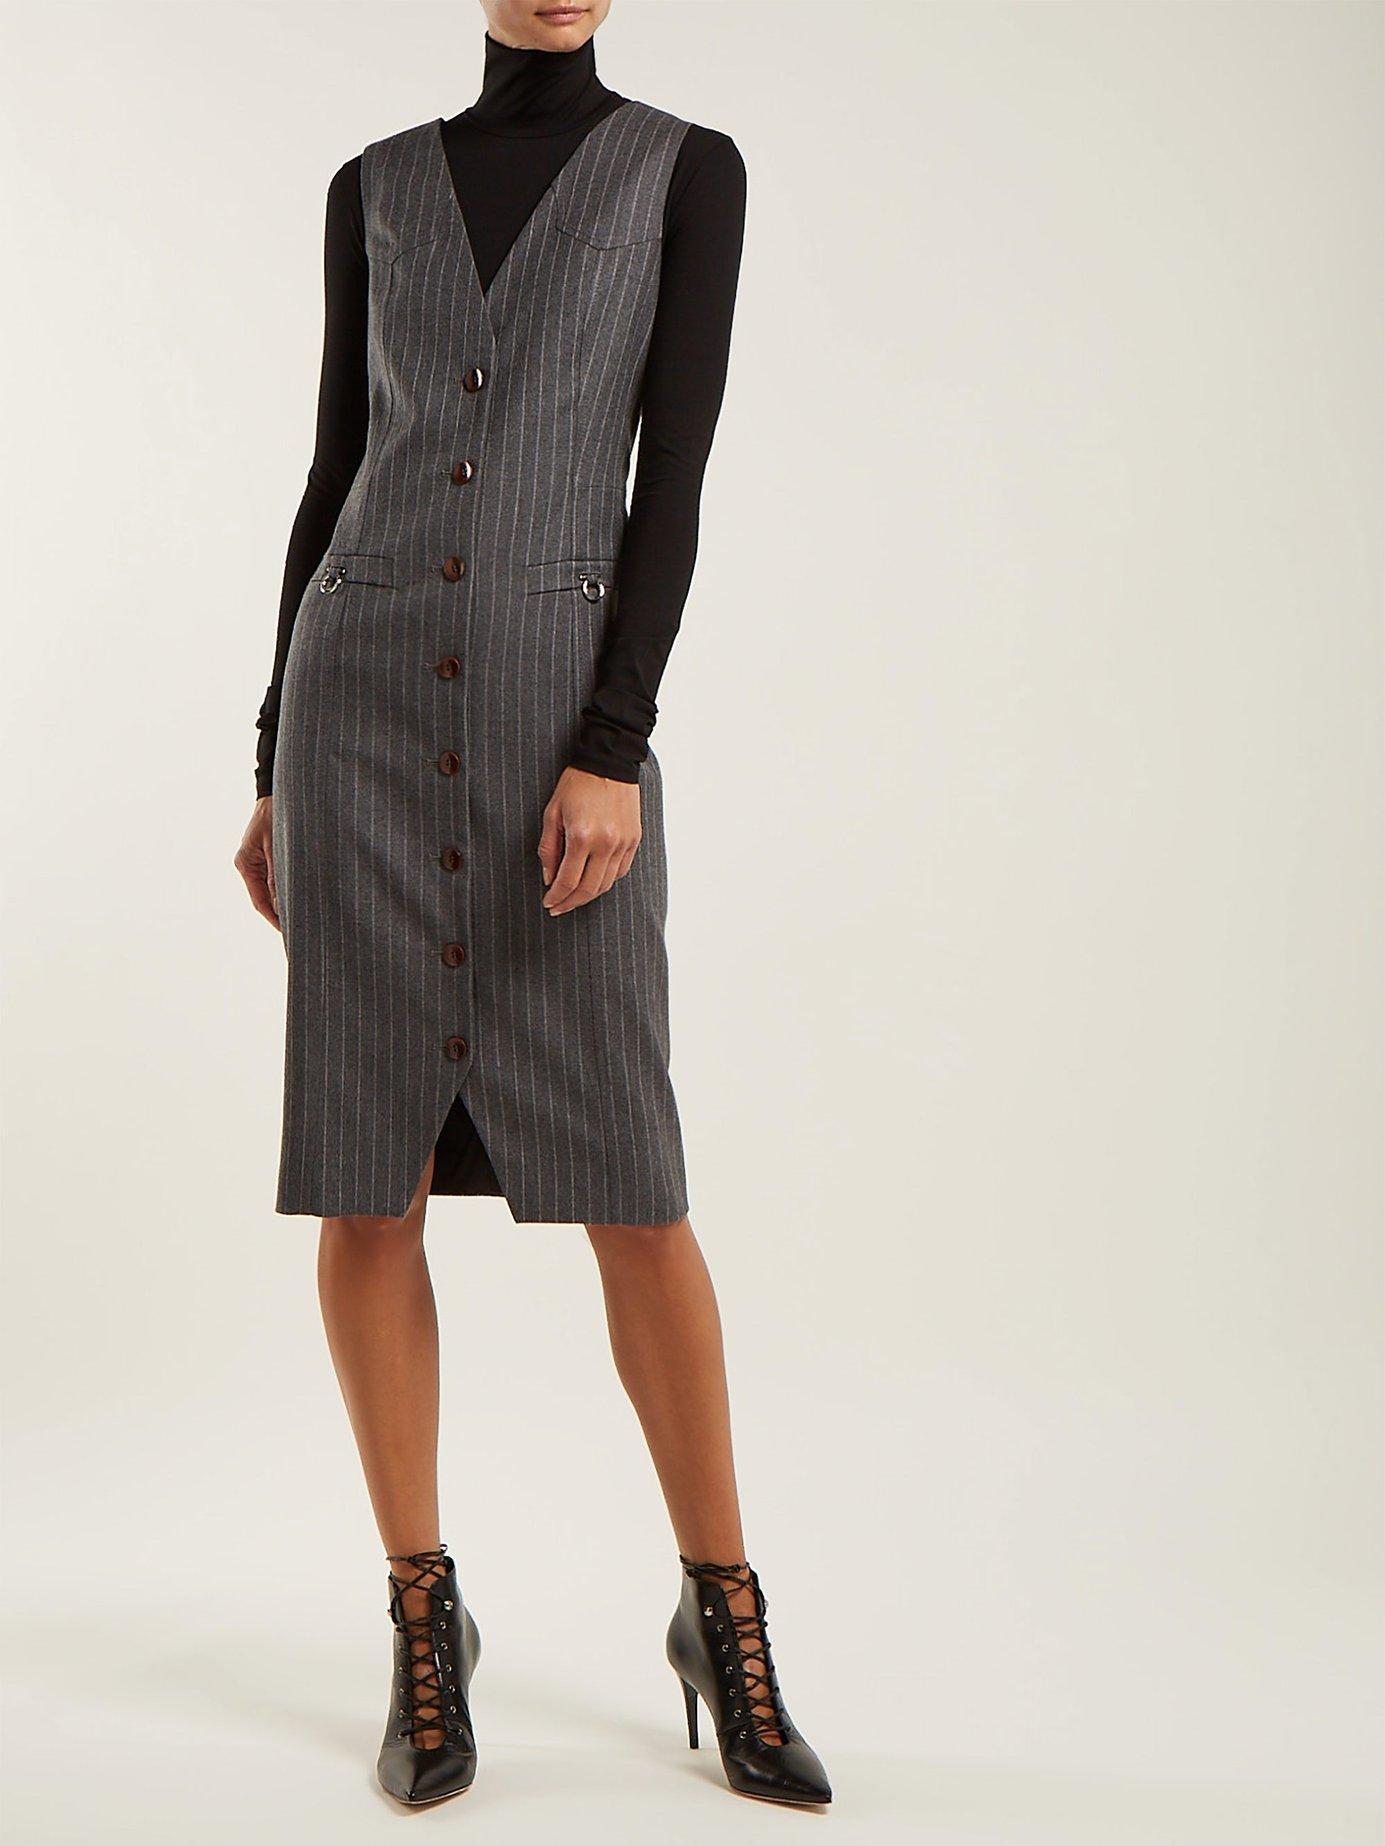 Naomi single-breasted wool dress by Altuzarra